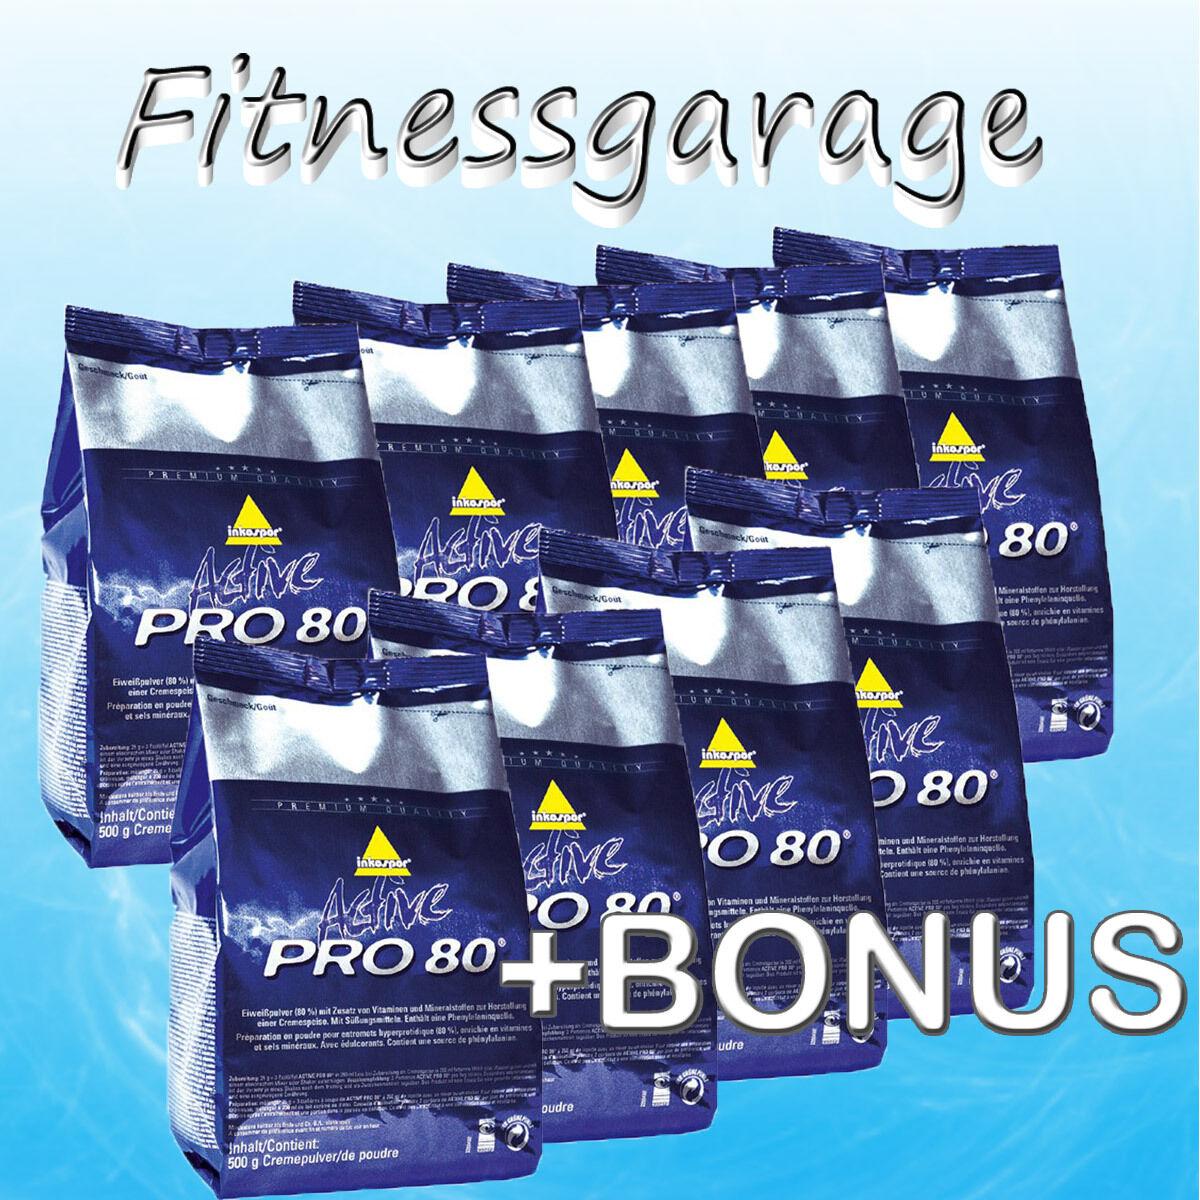 ( /kg) Inko Active Pro 80 Protein 9x 500g Inkospor Eiweiß +Shaker+10 Riegel